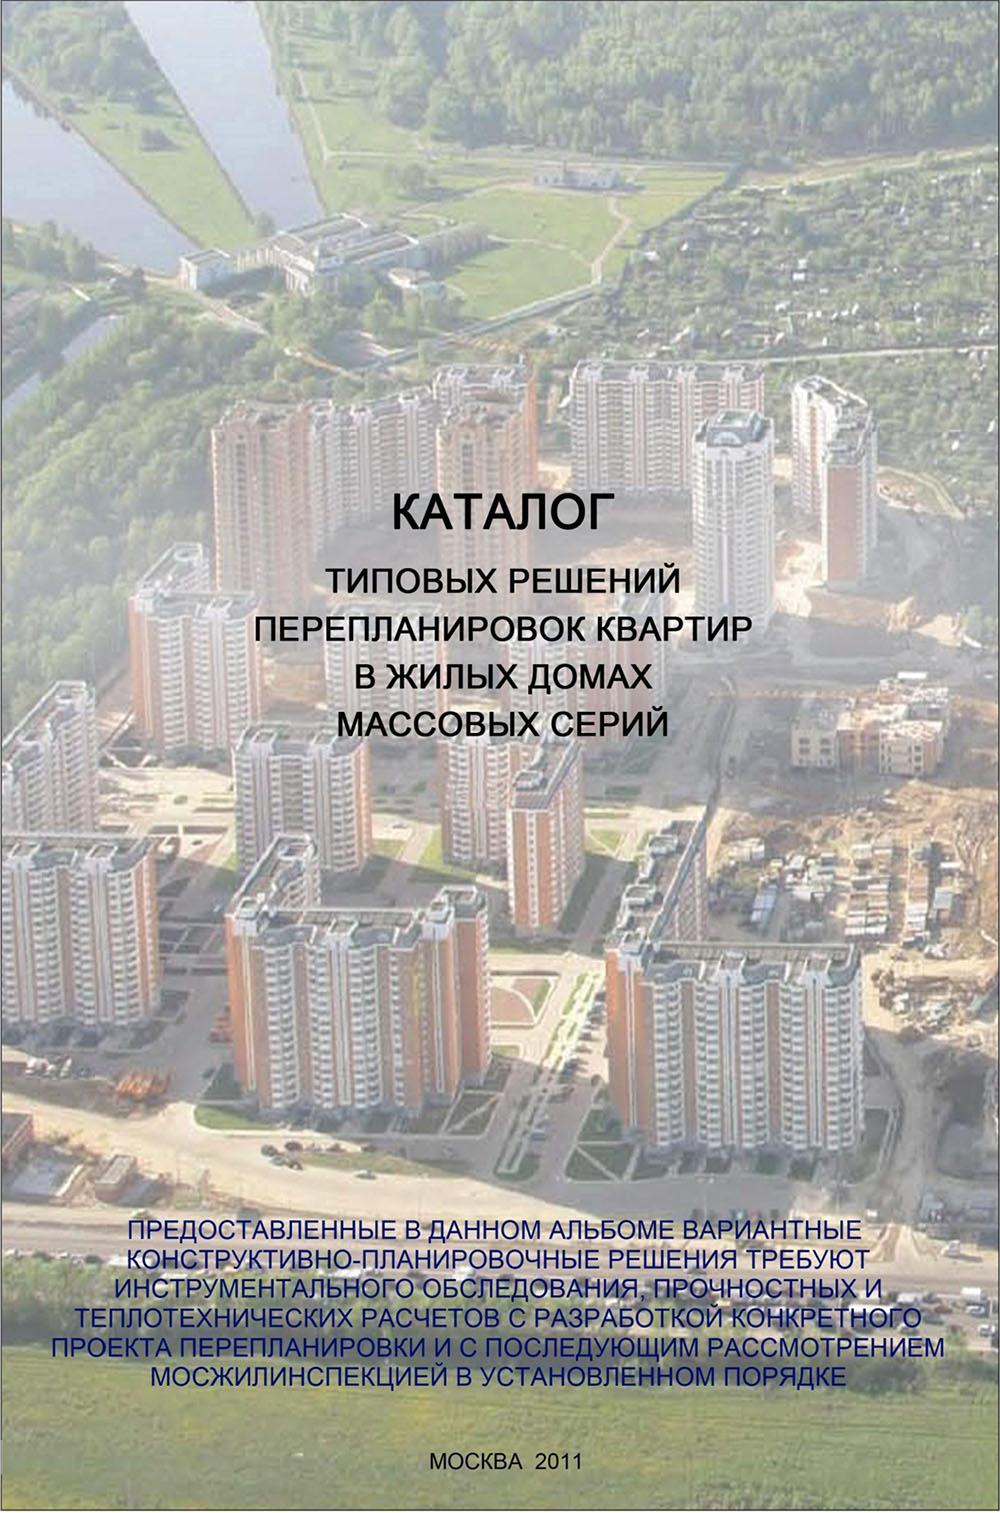 Каталог типовых проектных решений перепланировки квартир в жилых домах массовых серий Москвы